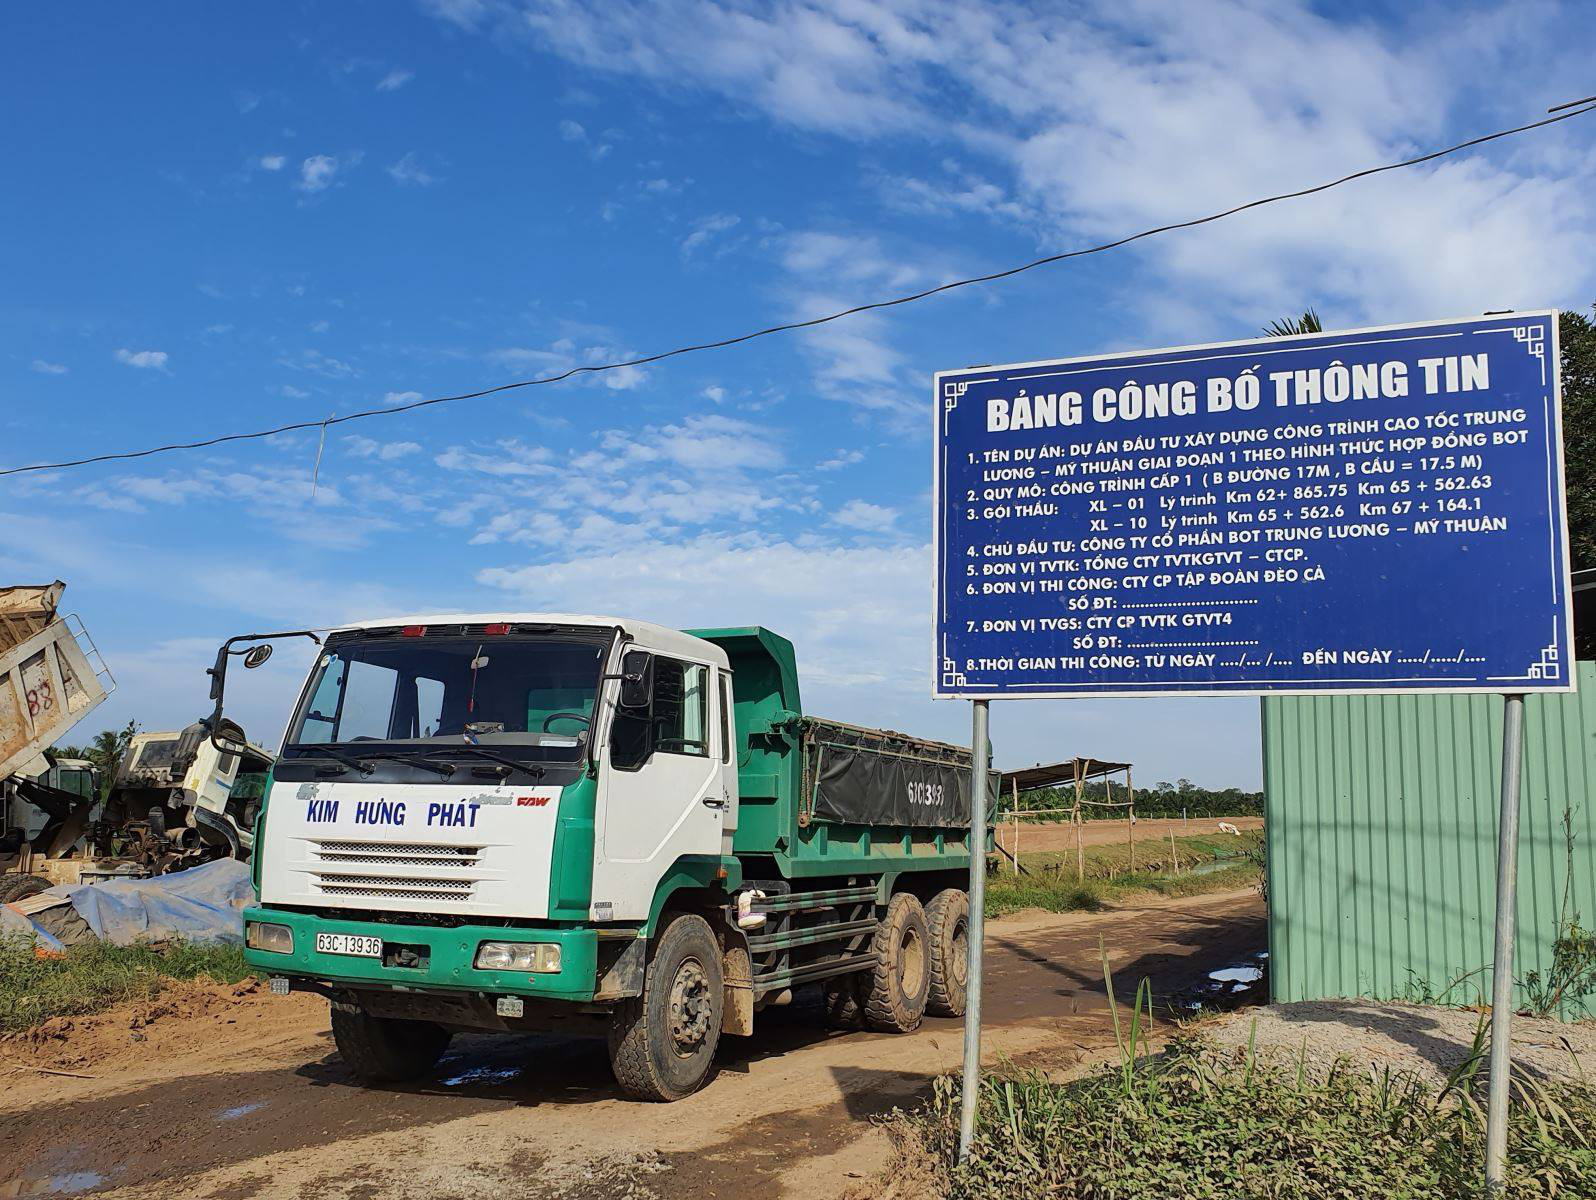 Cần tiếp tục giải ngân vốn ngân sách để sớm hoàn thành cao tốc Trung Lương - Mỹ Thuận - Ảnh 3.